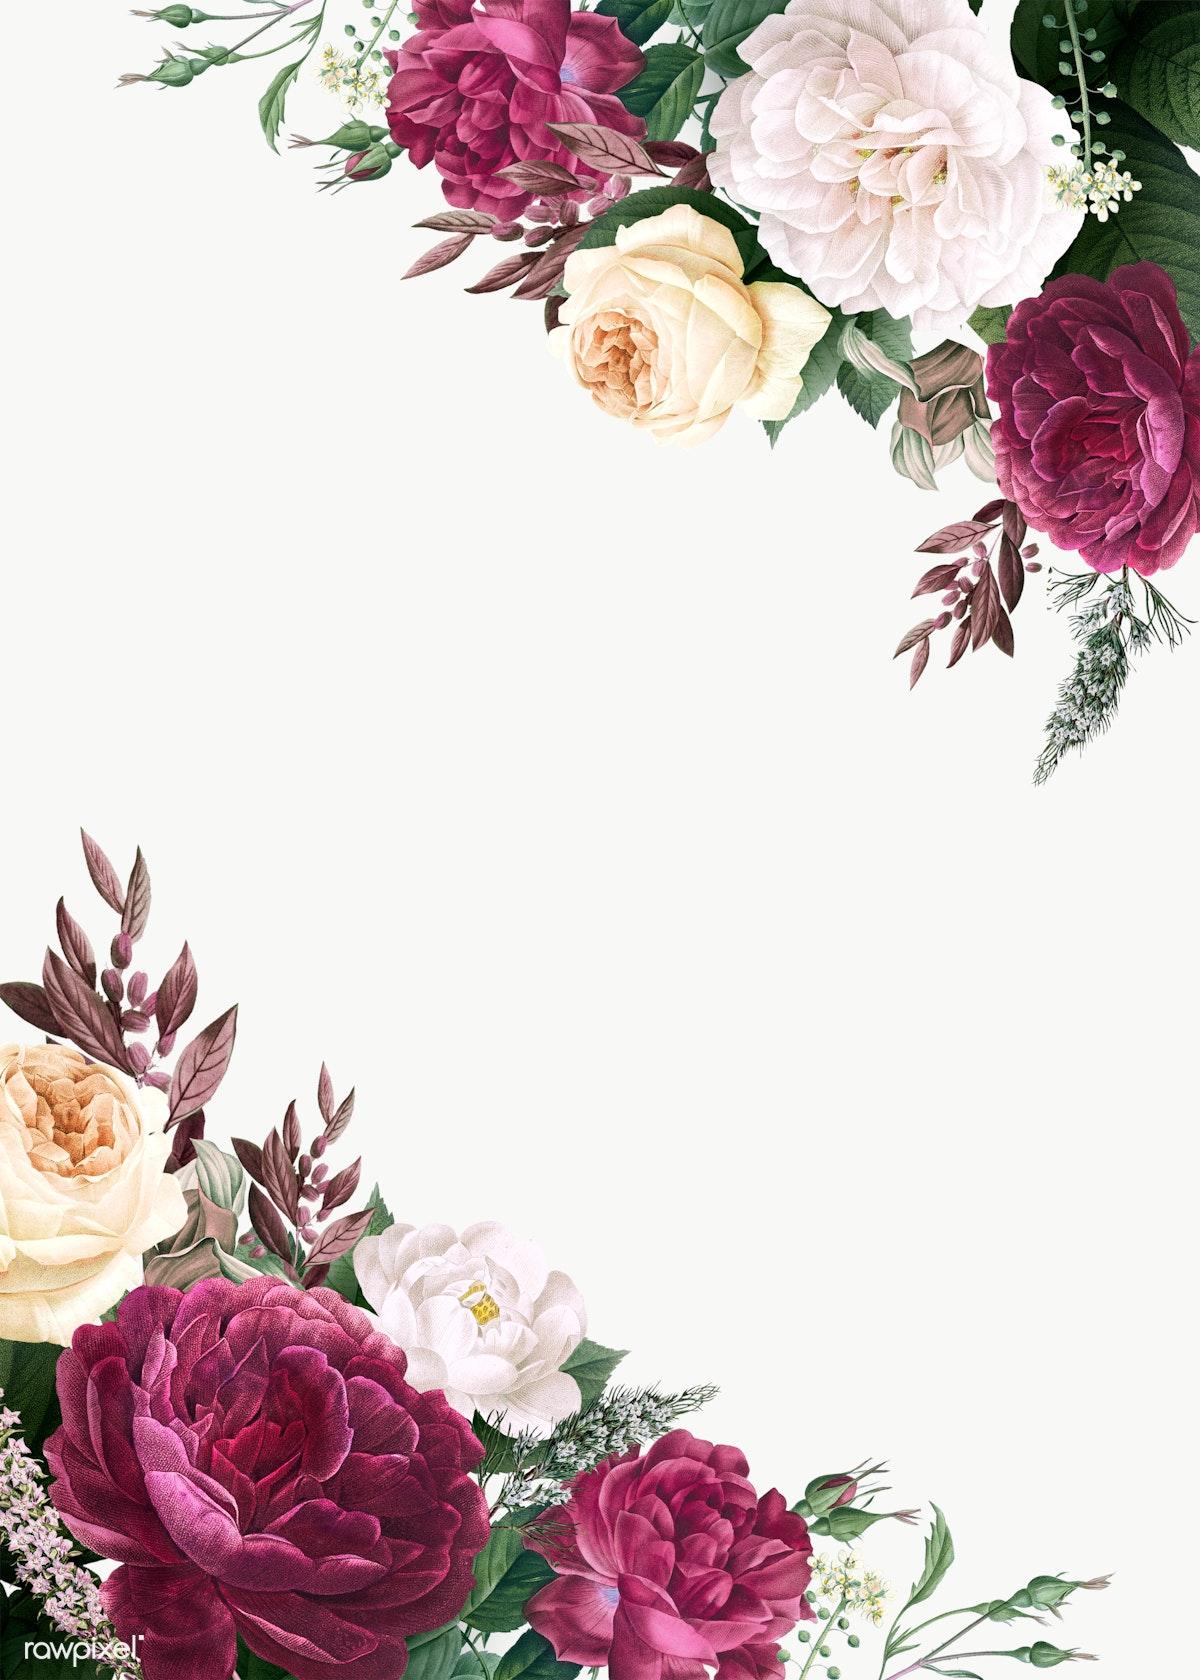 Download premium png of Floral wedding invitation mockup transparent png